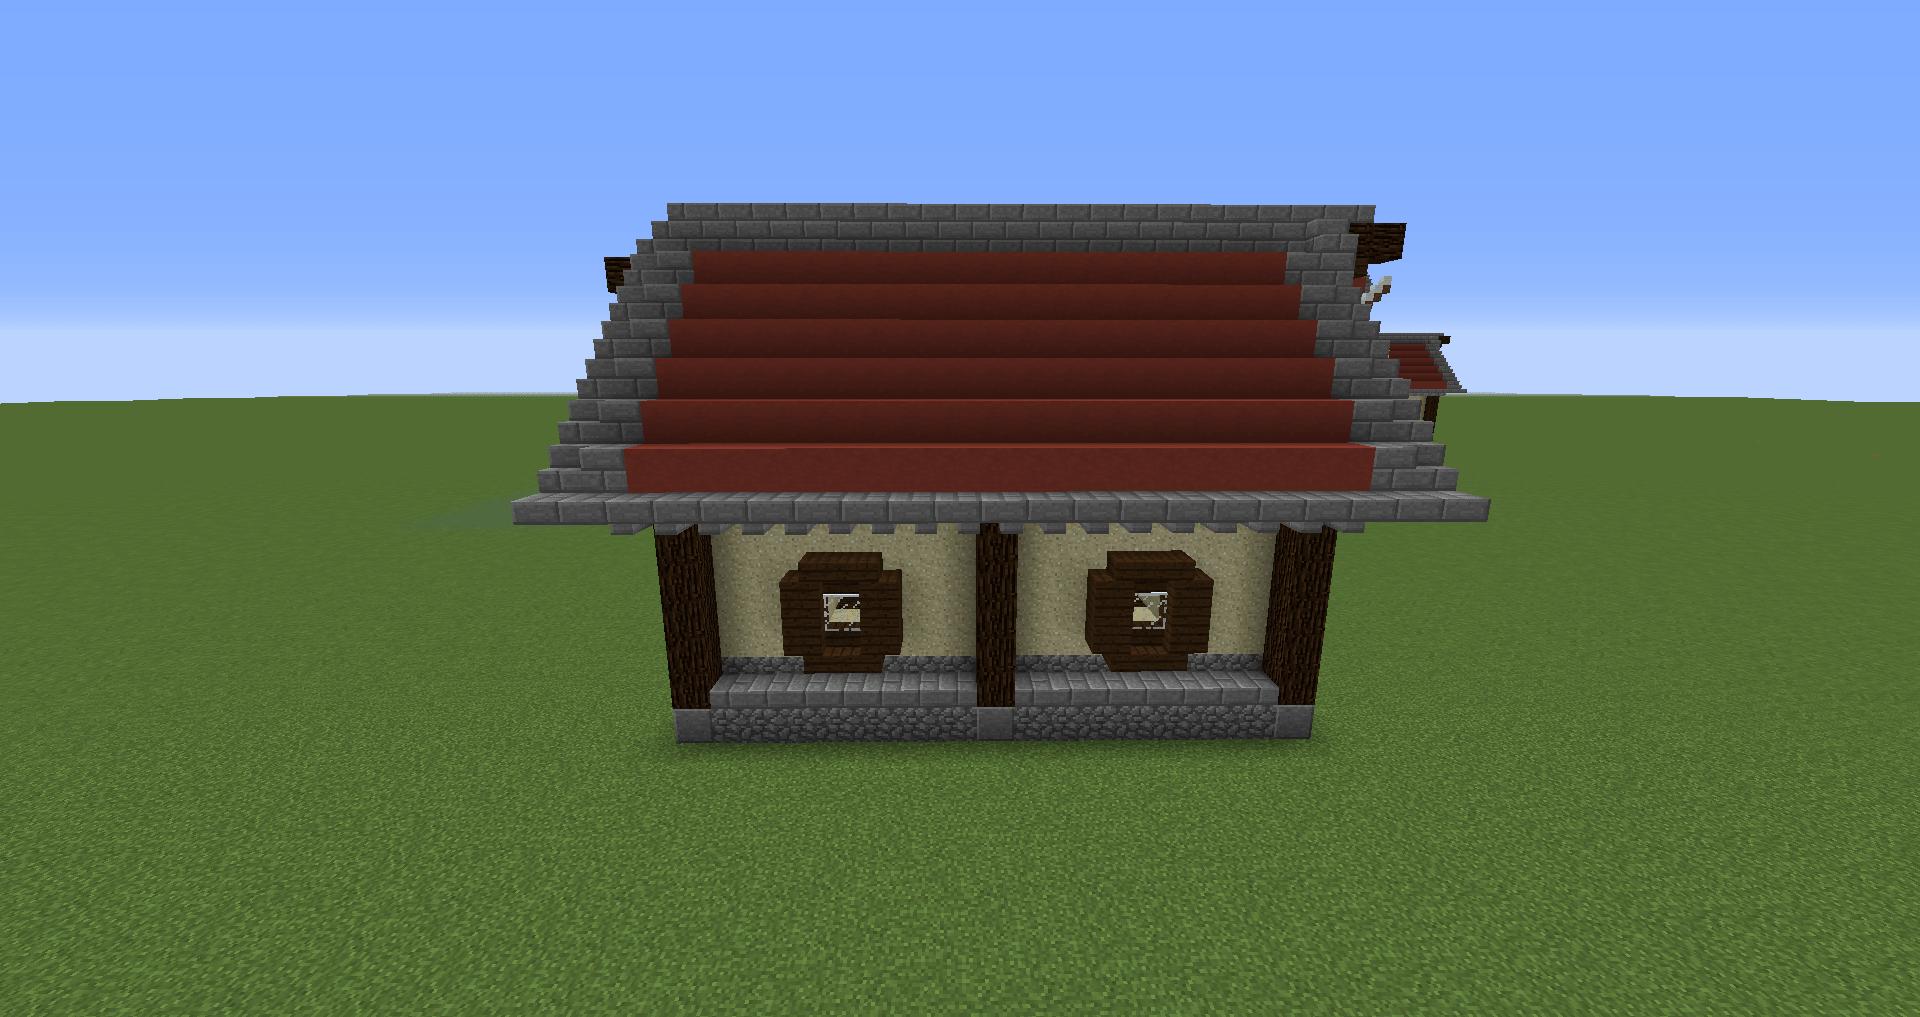 マインクラフト 風車小屋の作り方 簡単建築29